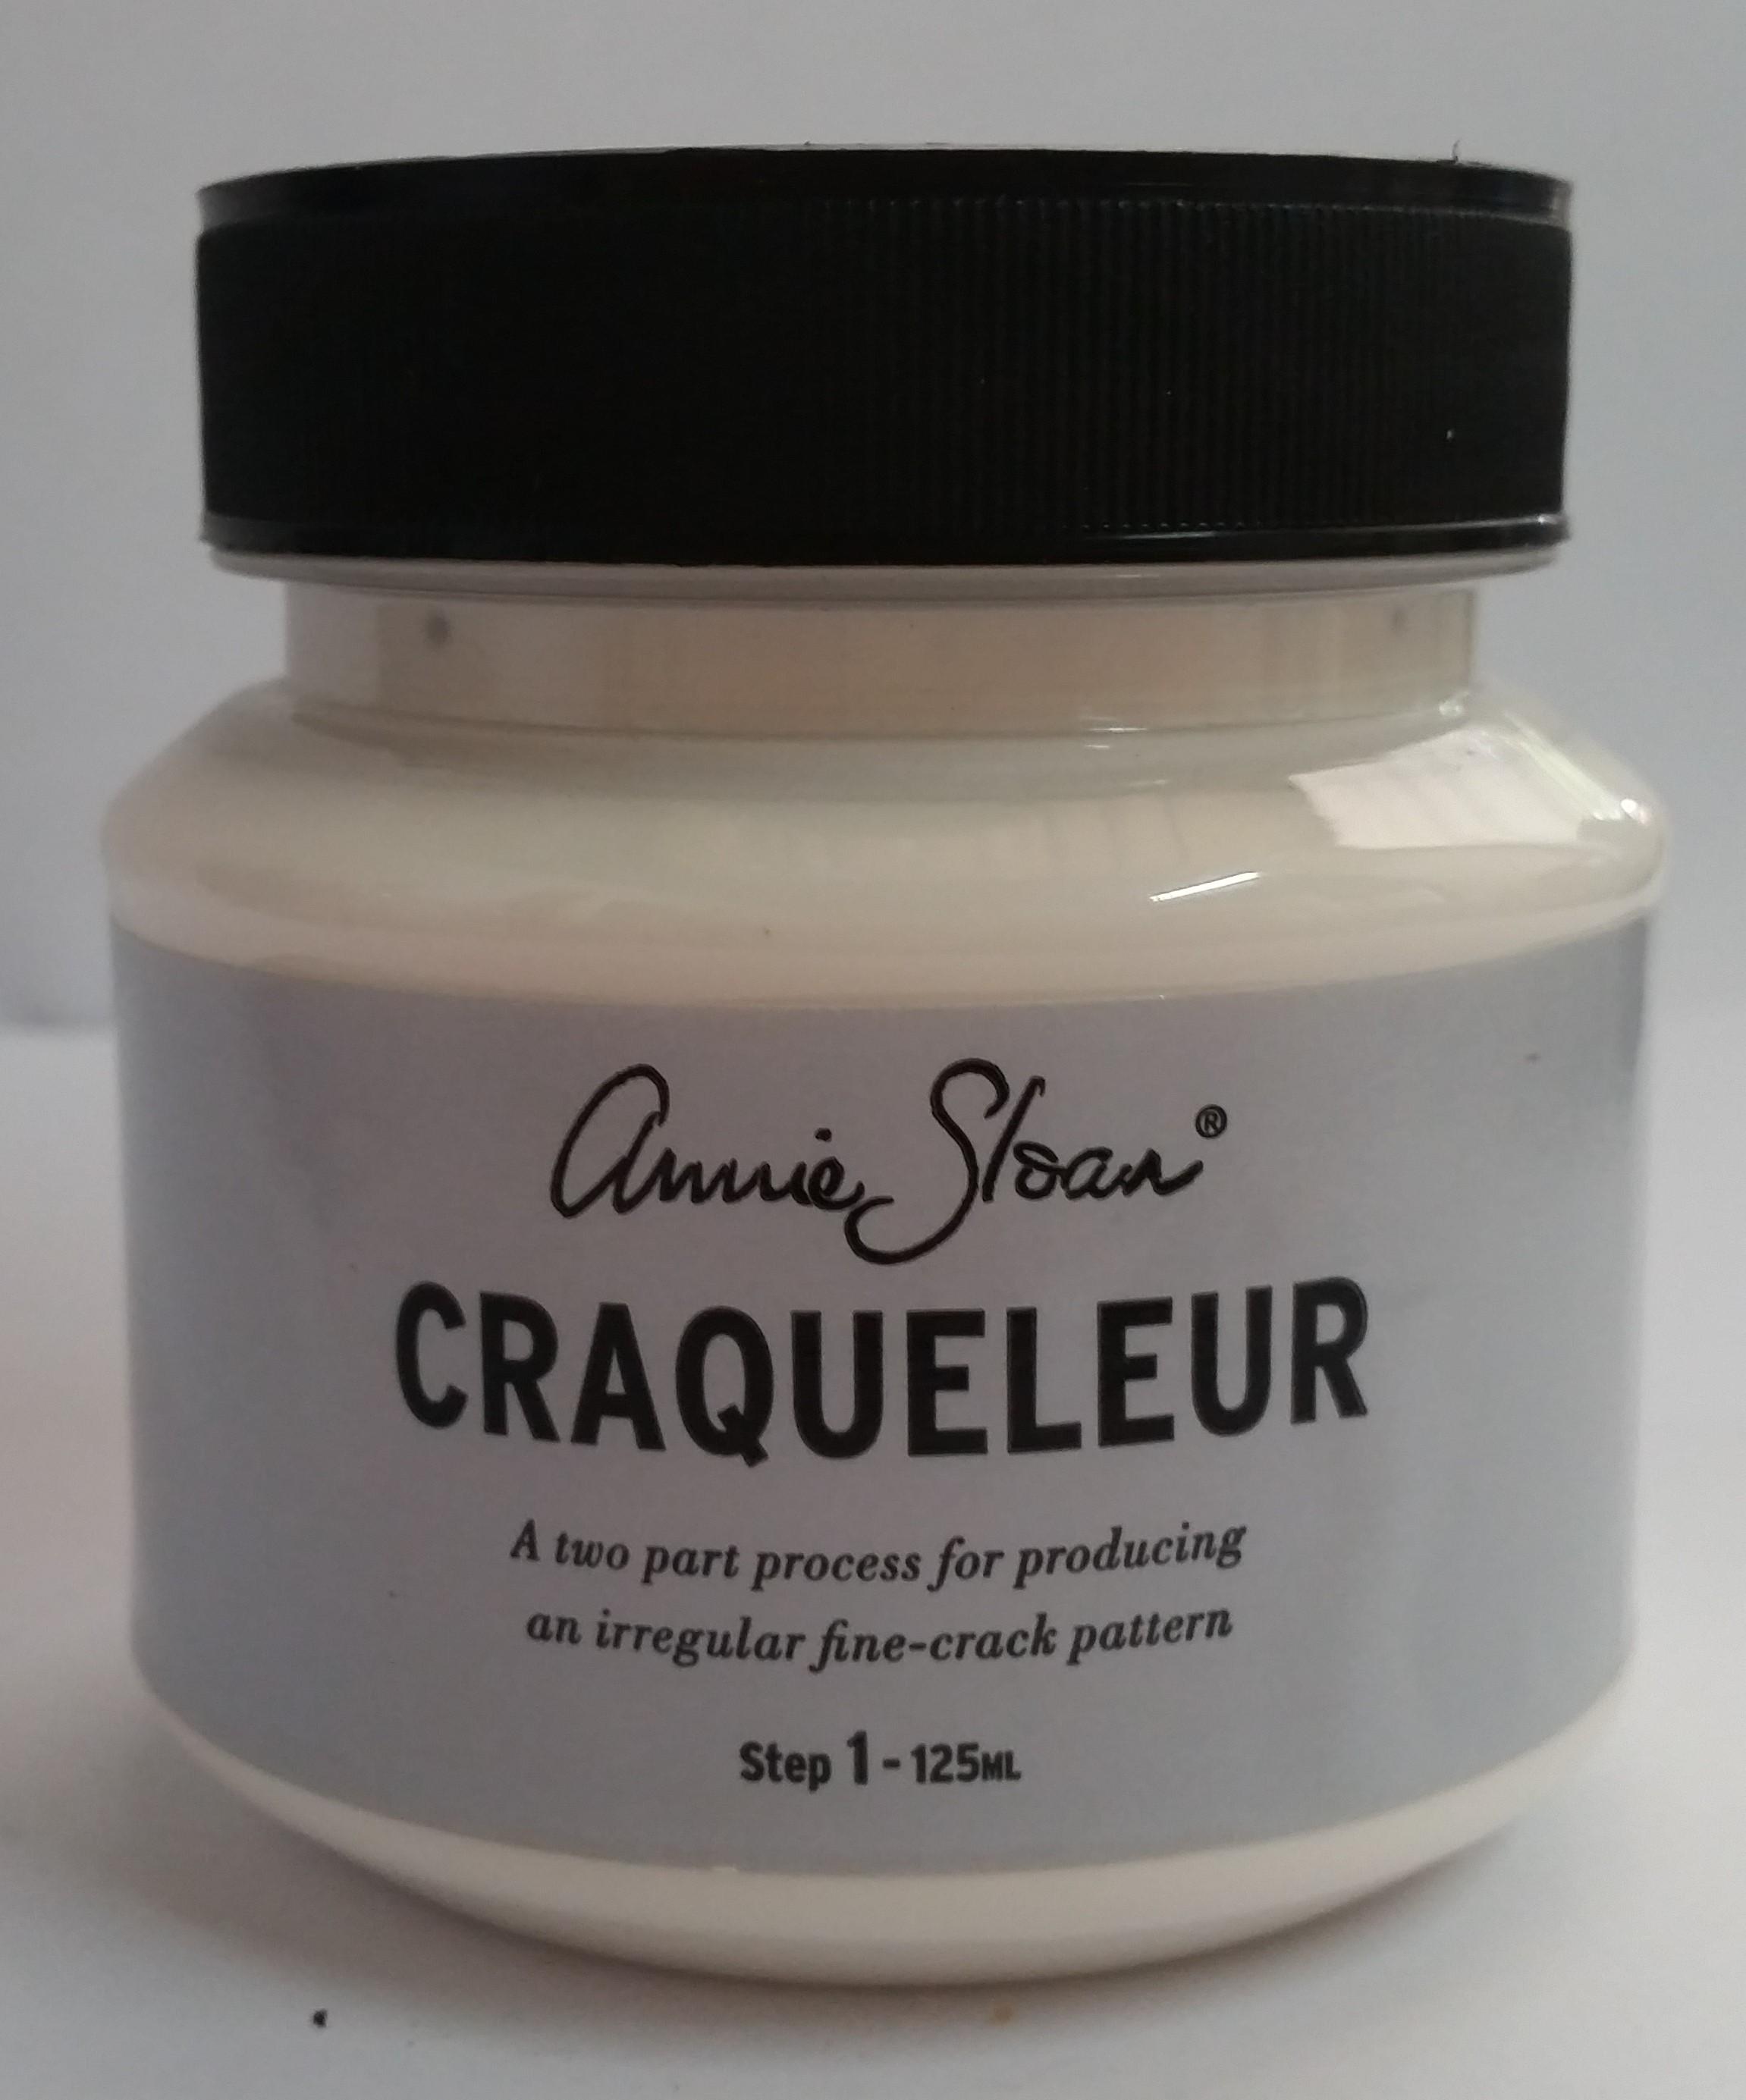 annie sloan craqueleur 1 - Copy